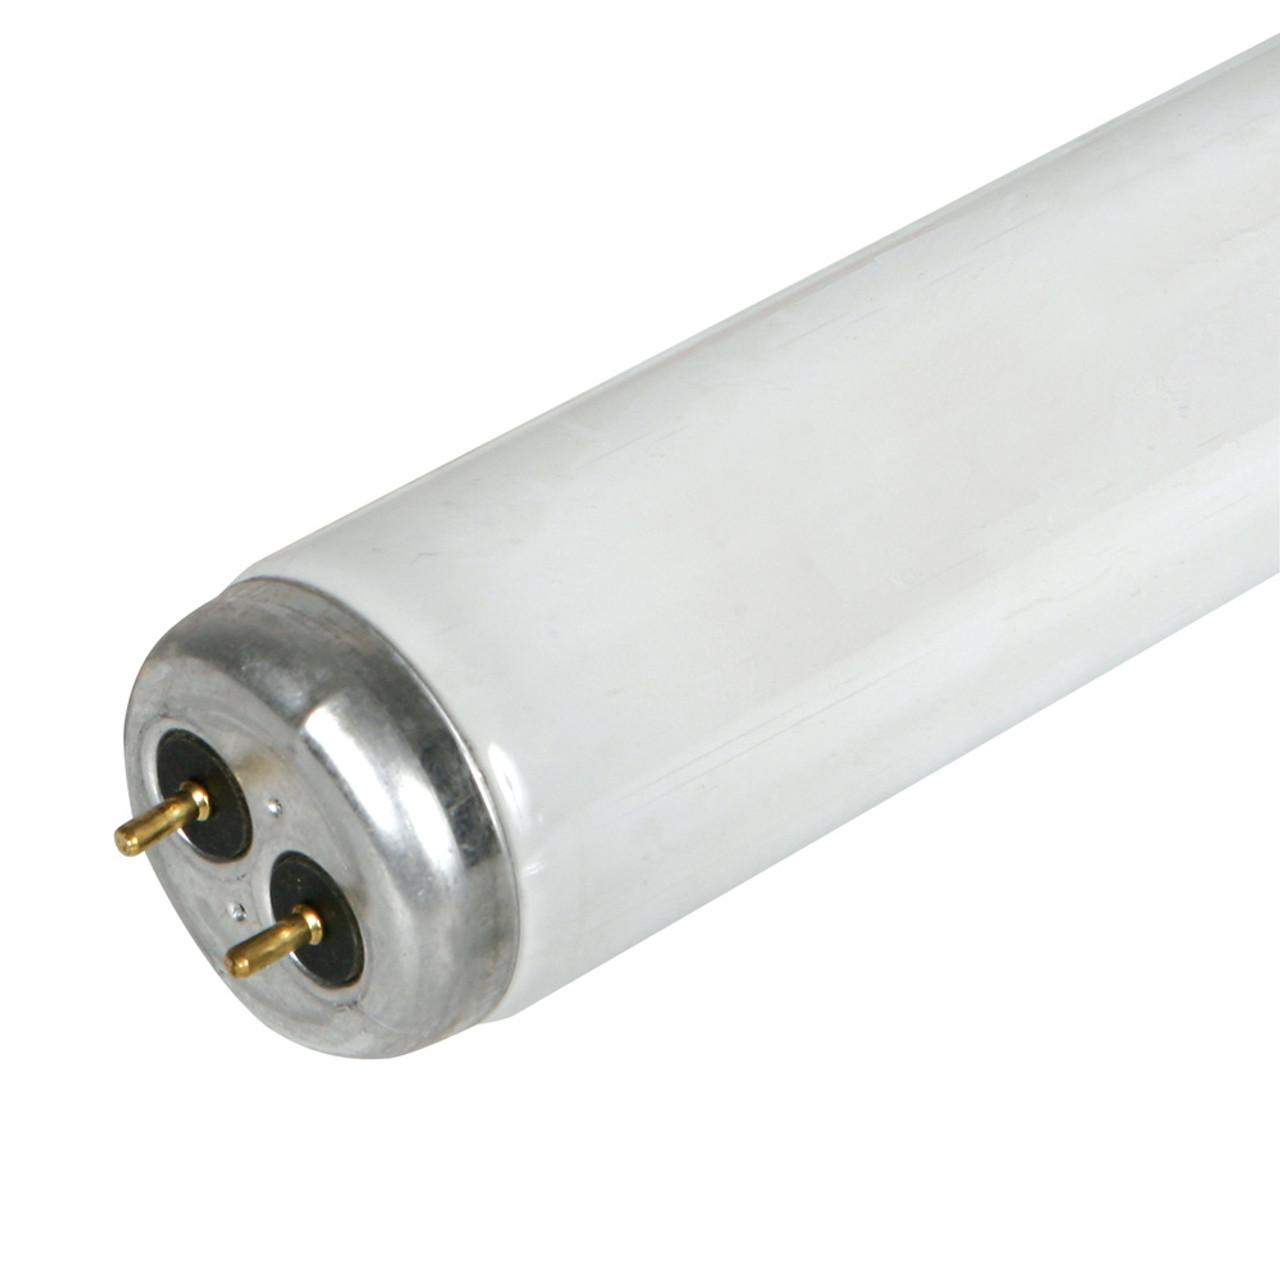 f20t12 d 22 20 watt t12 fluorescent light bulbs 6500k daylight color